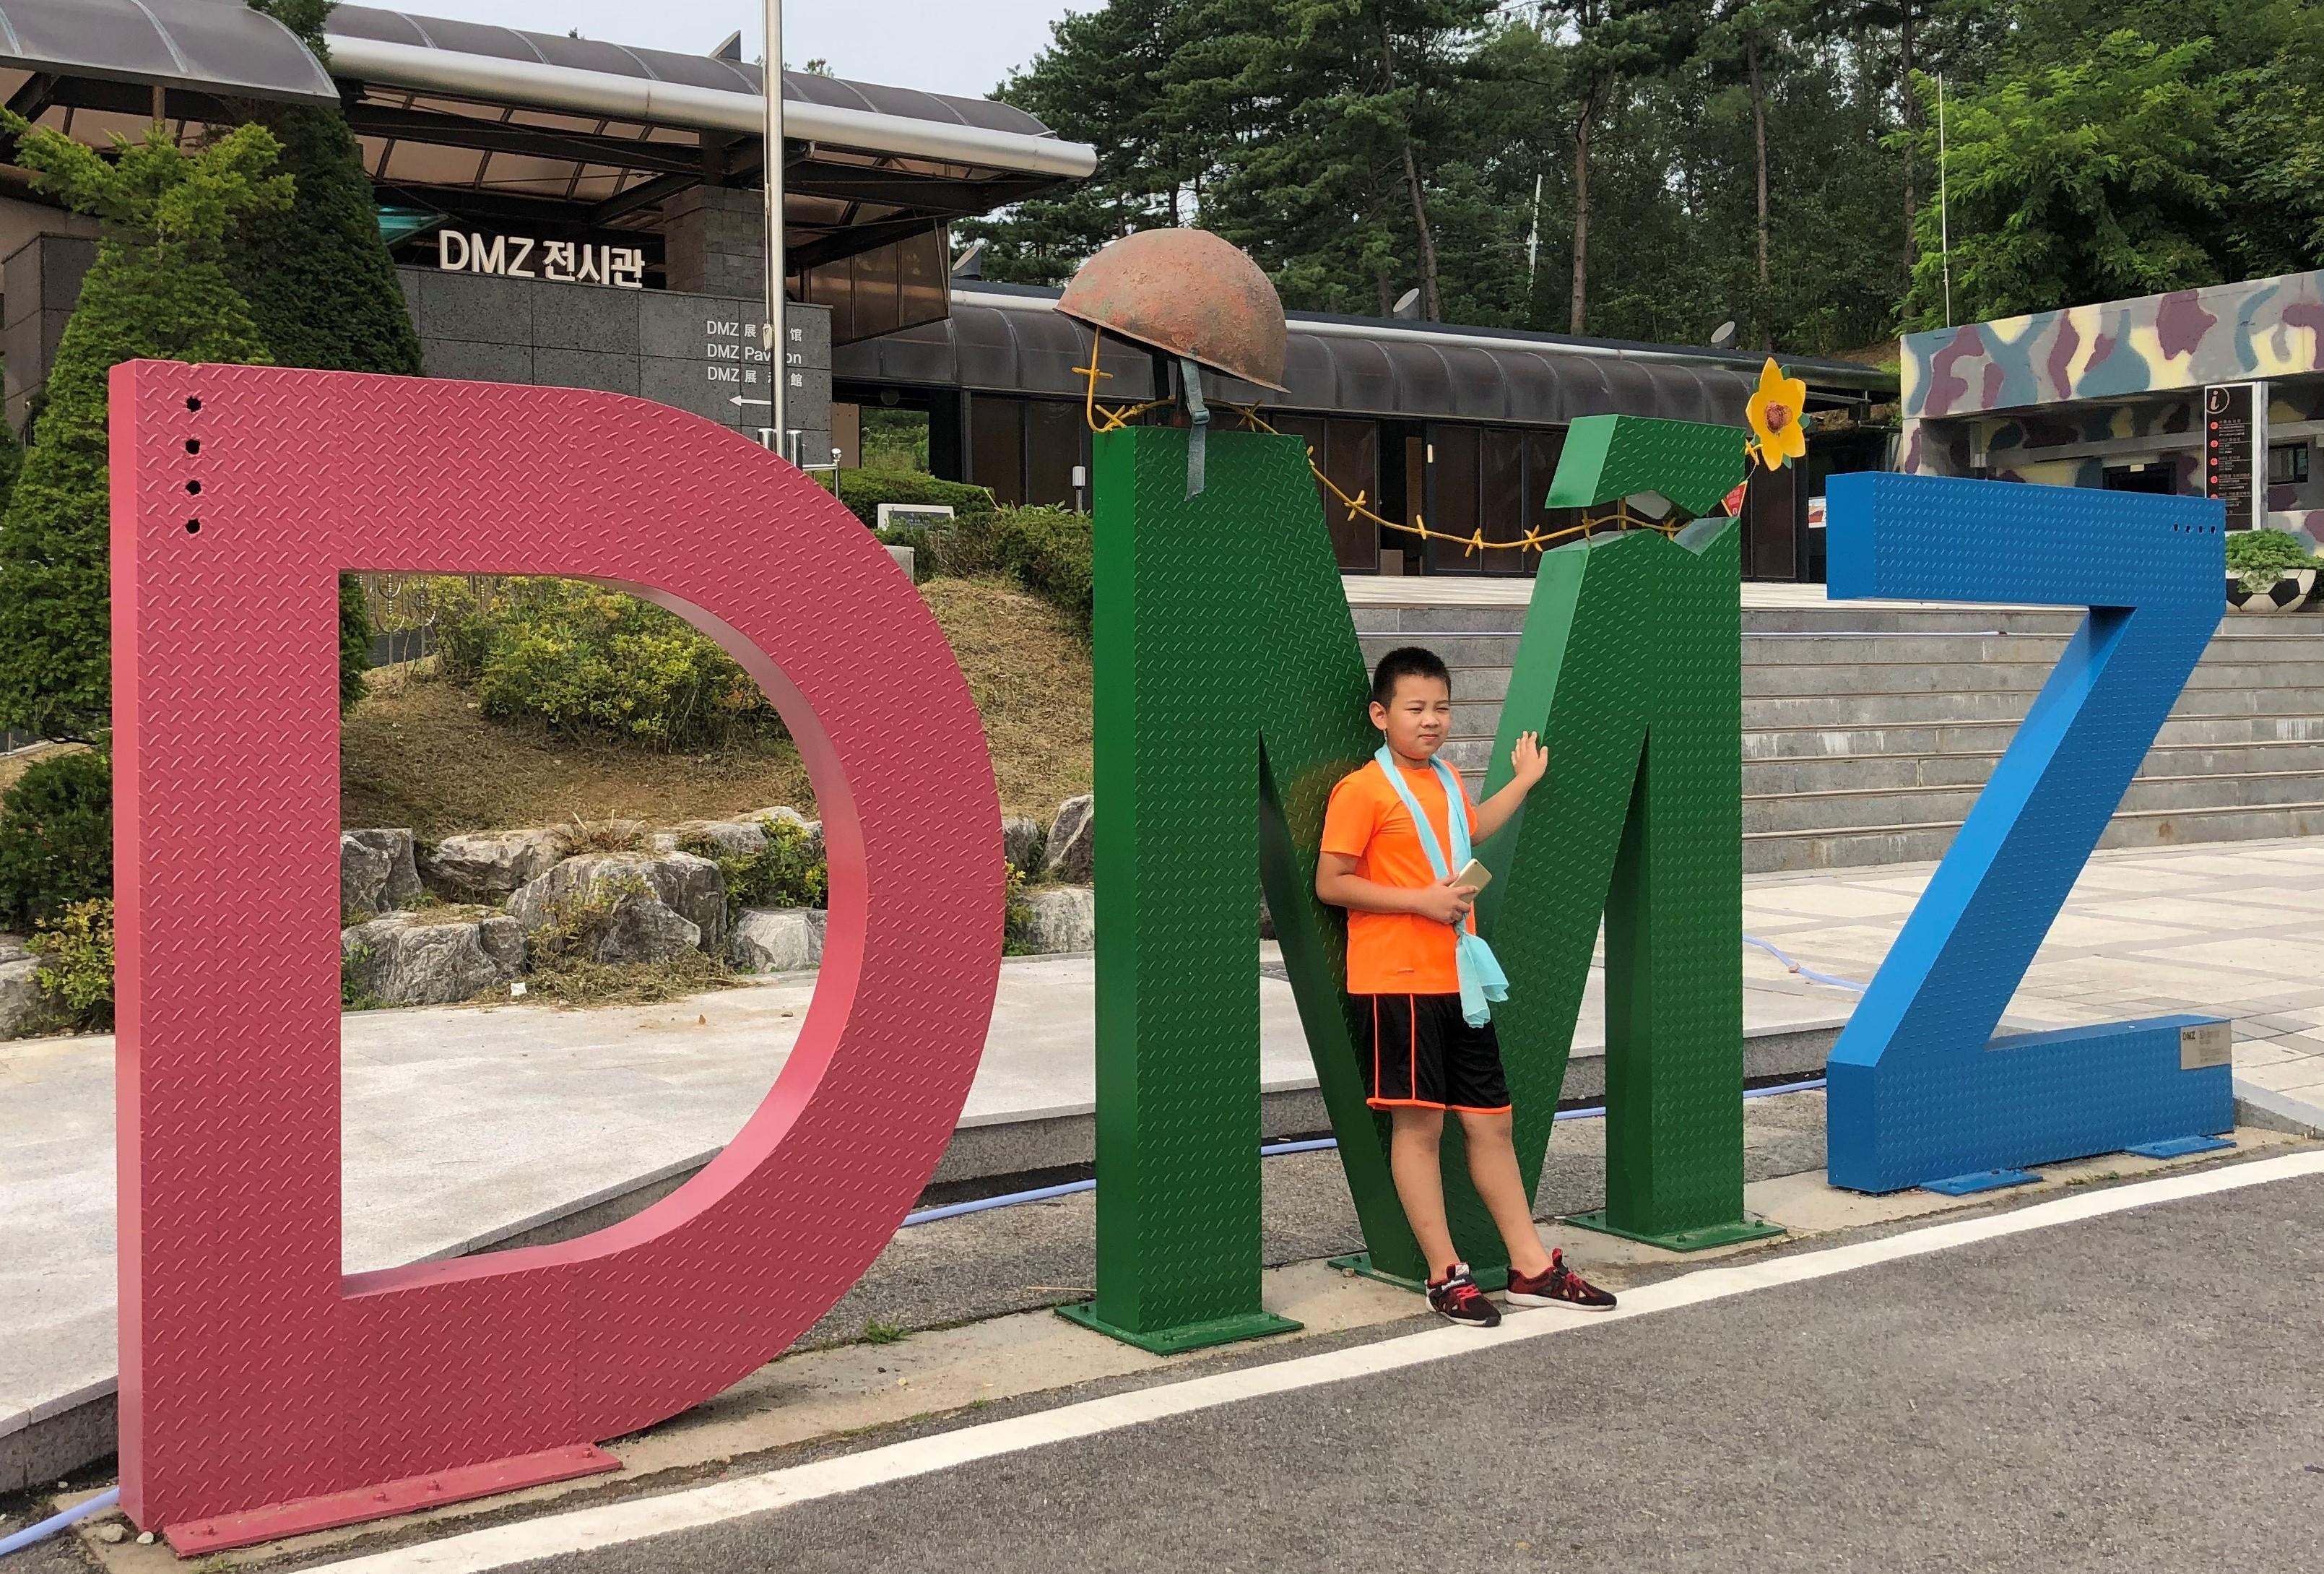 한 관광객 어린이가 DMZ (군사분계선, Military Demarcation Line) 전시관 앞에서 사진을 찍고 있다. 가운데 M자 위에 놓인 녹슨 철모와 꽃이 인상적이다. 사진, 김응선 목사, 연합감리교뉴스.